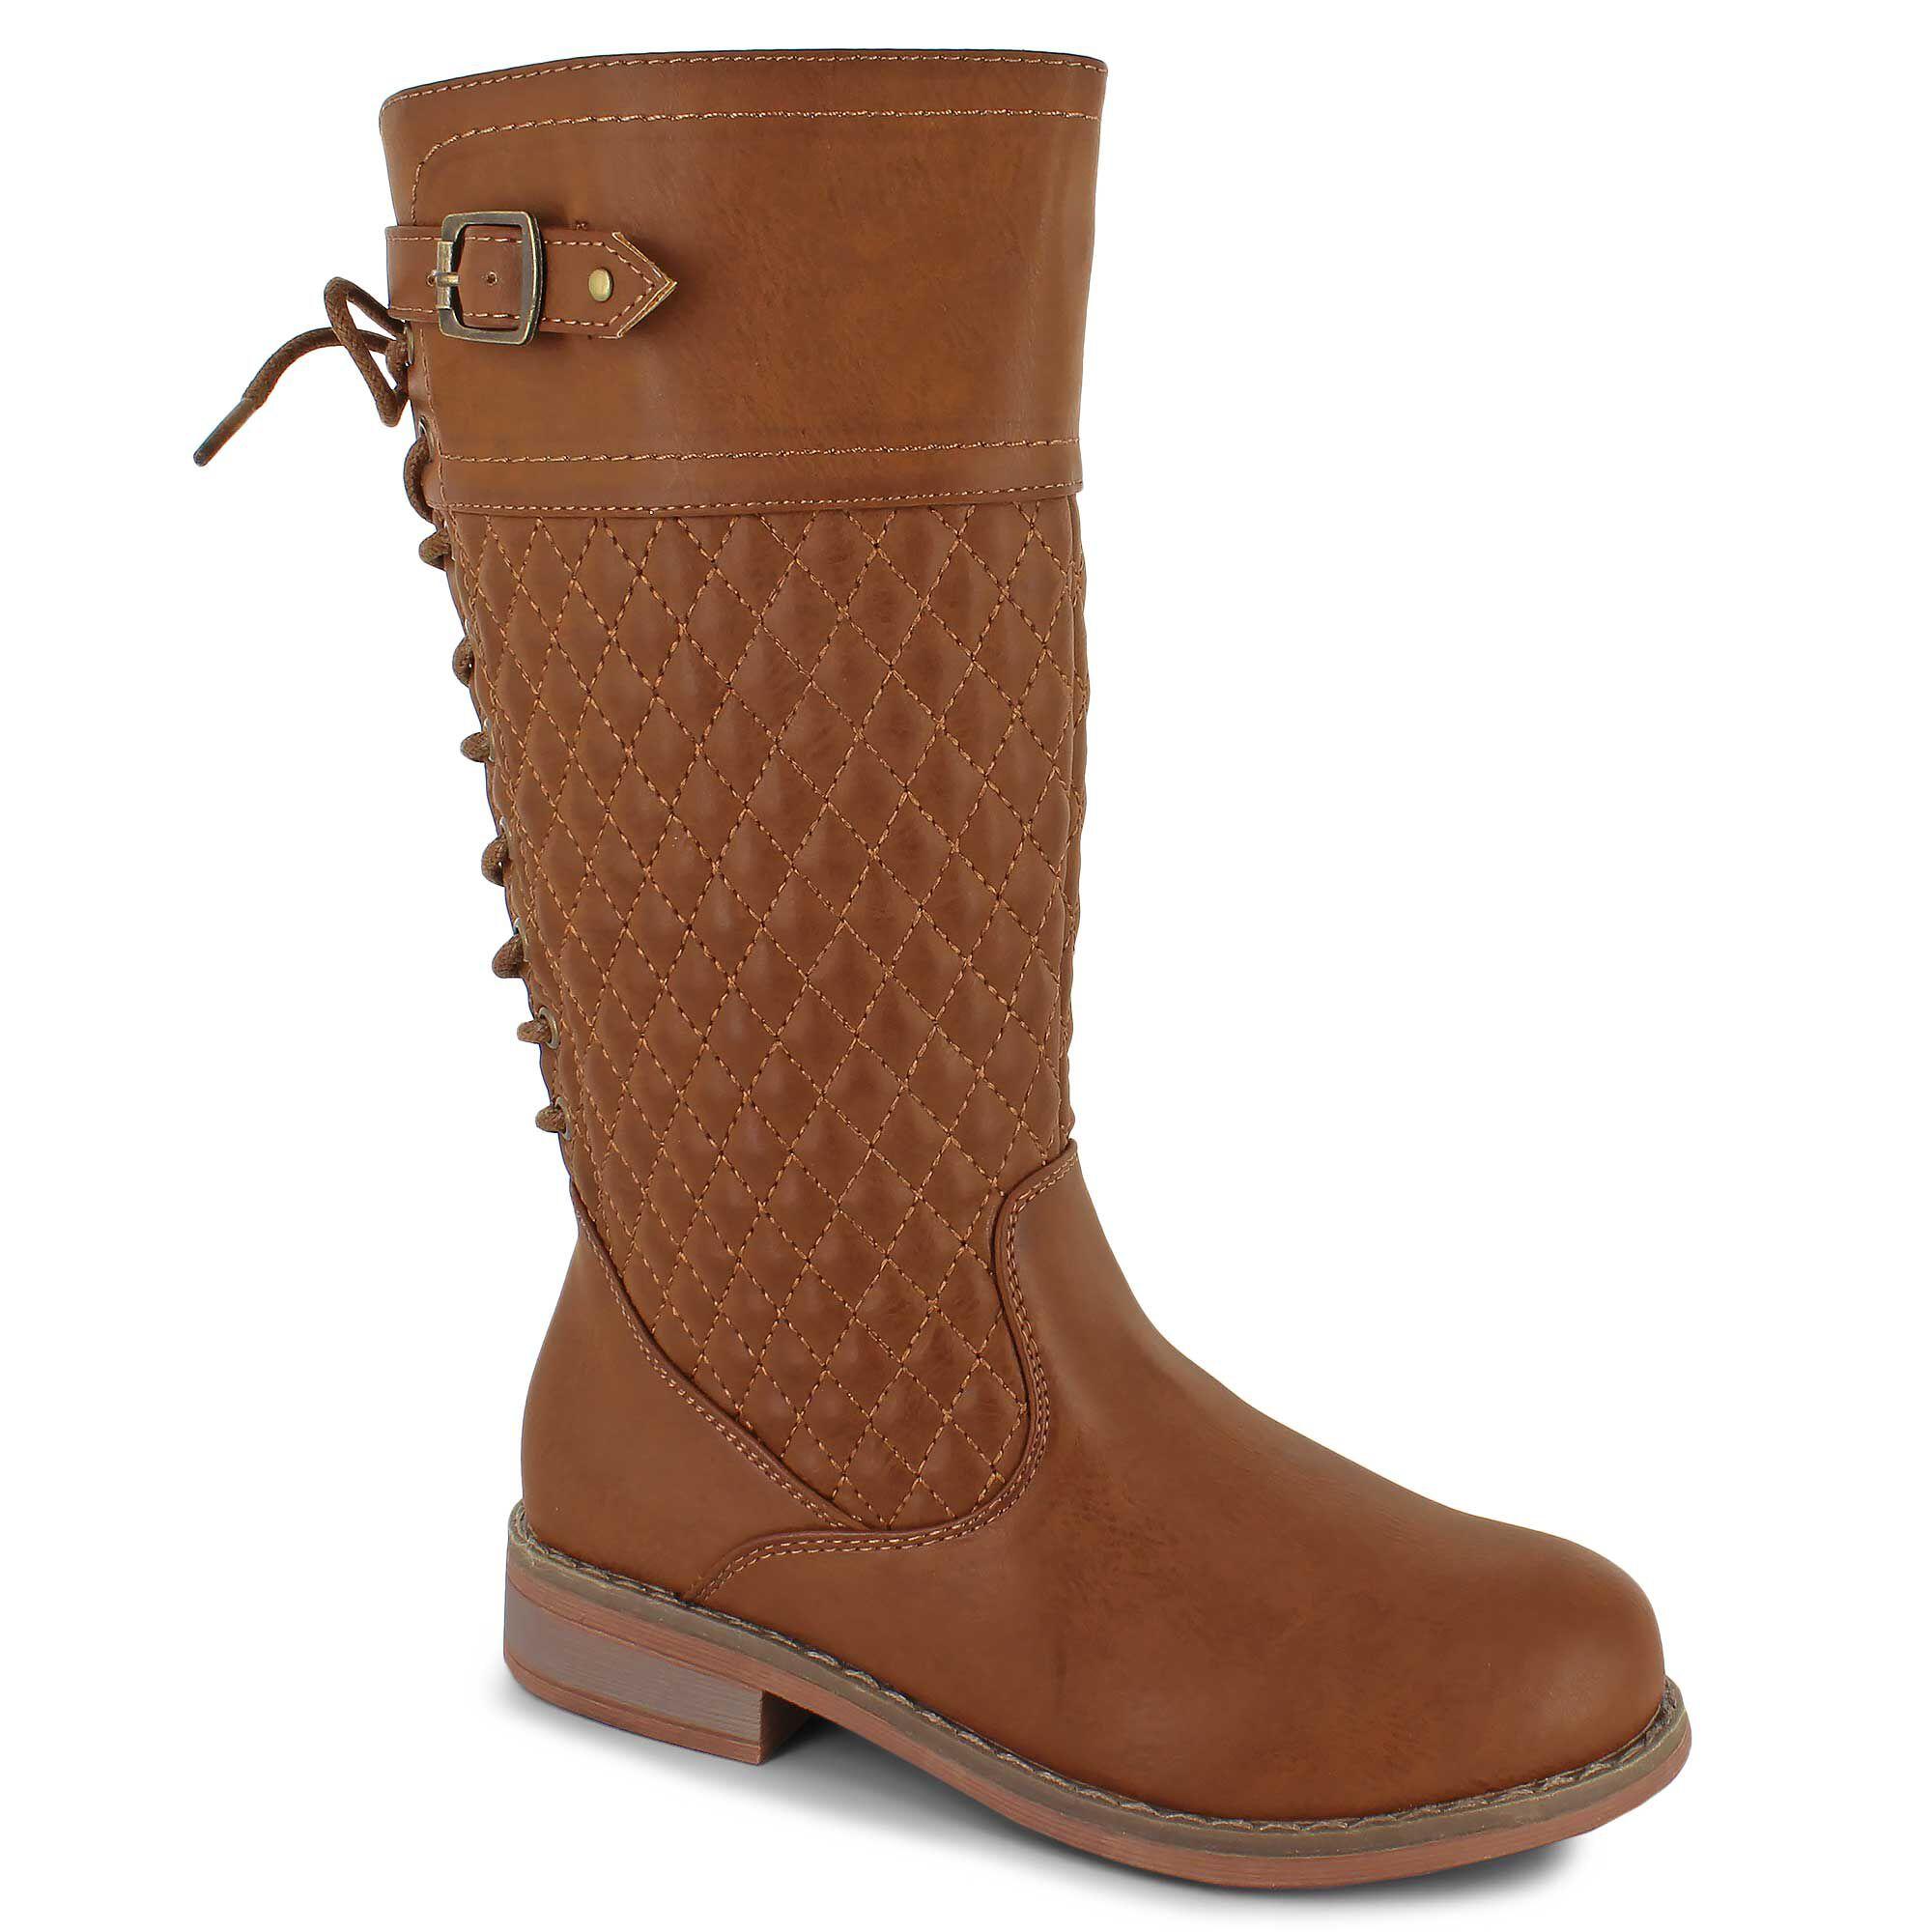 Sale Shoes | Shop Now at SHOE DEPT. ENCORE